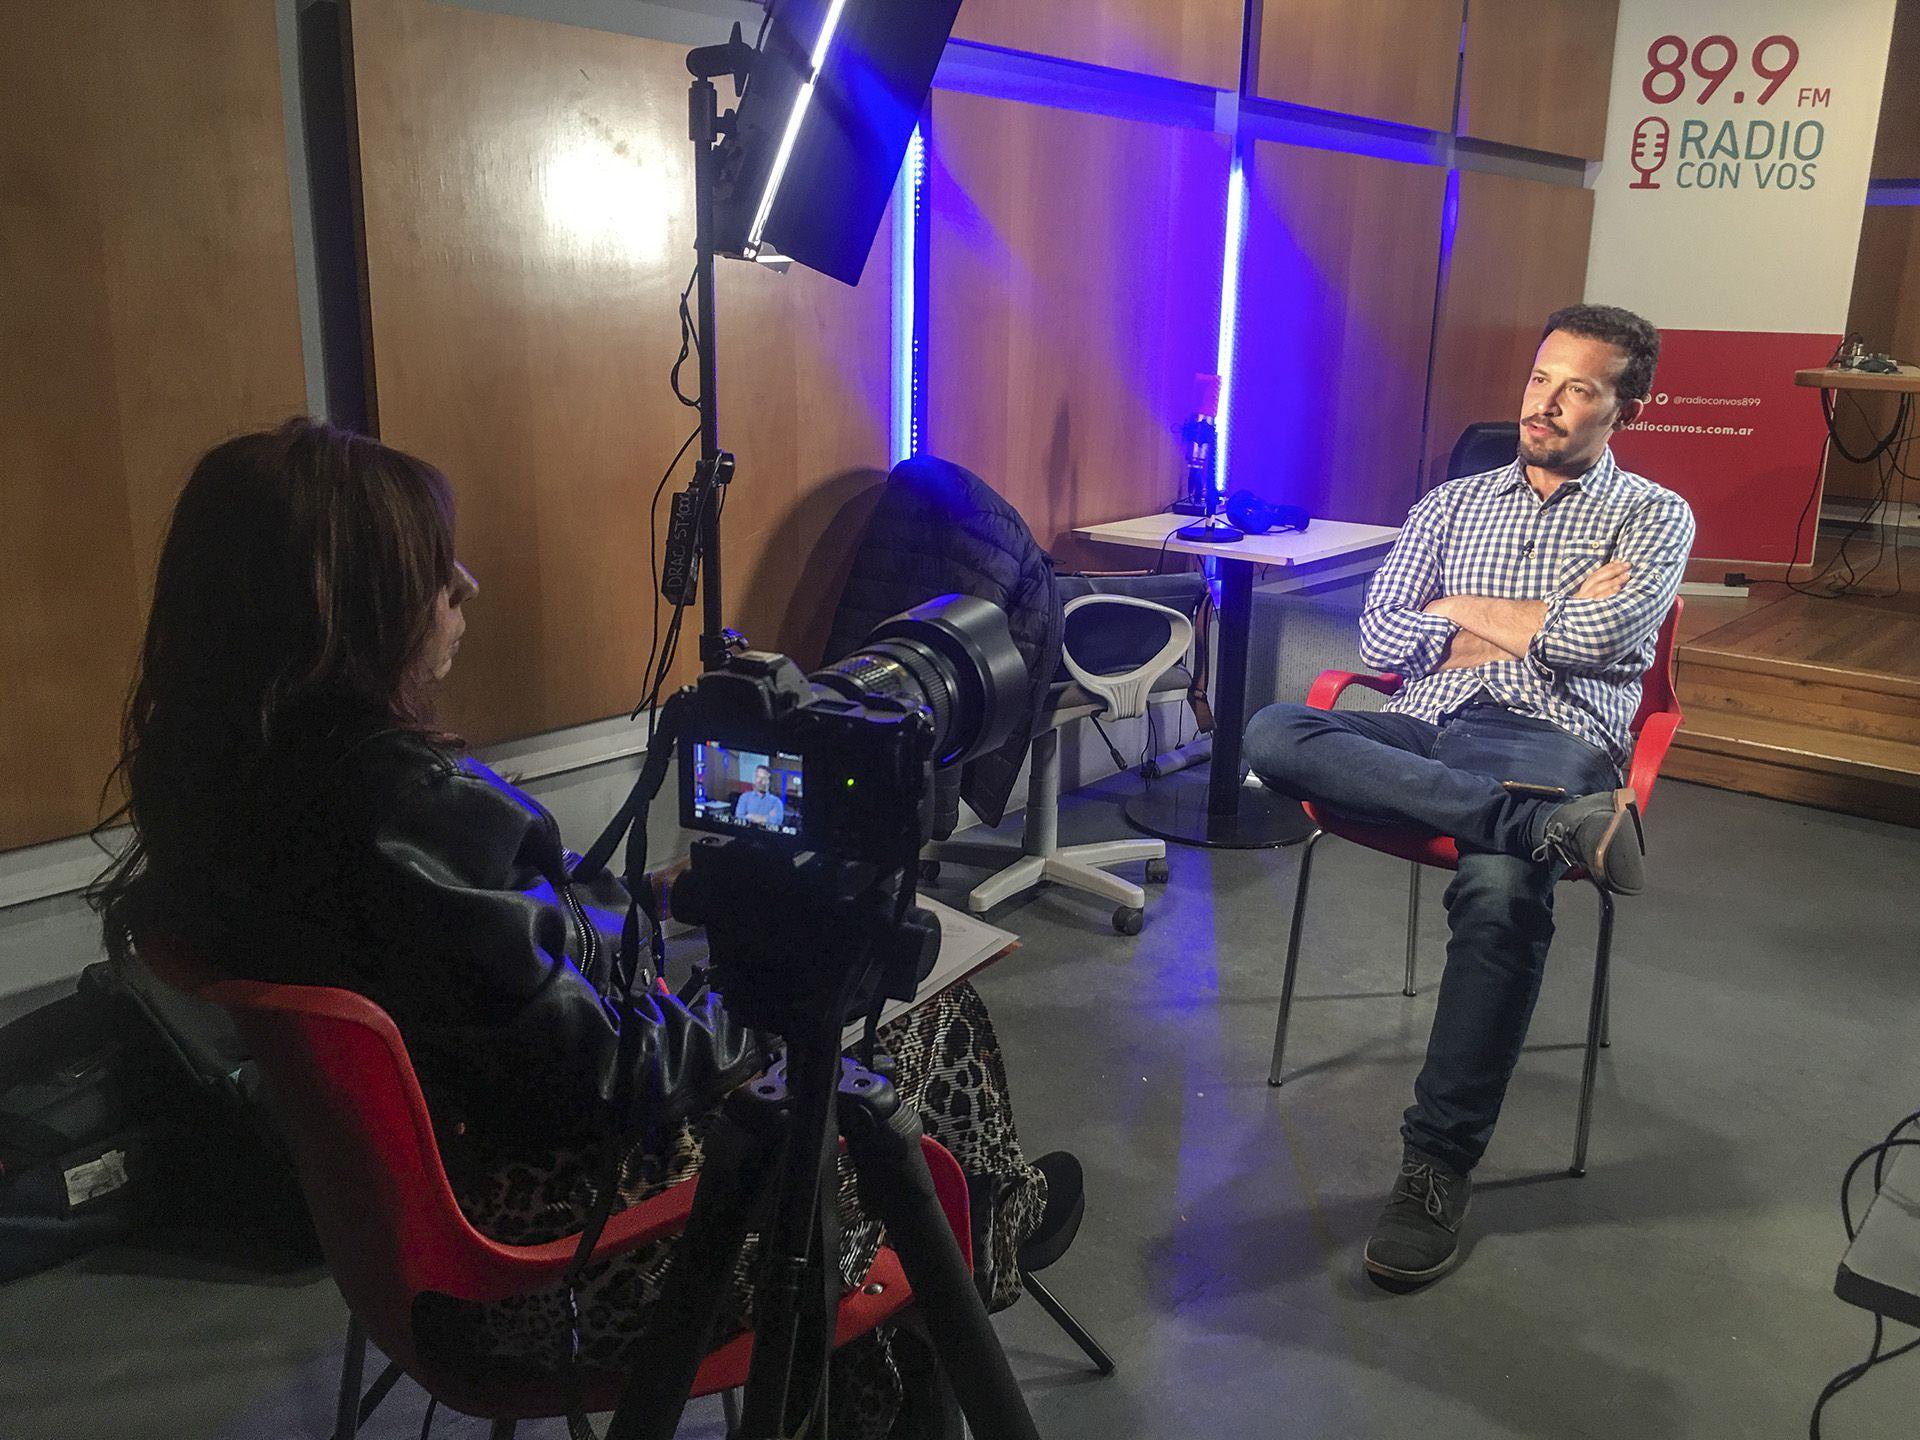 Entrevista realizada por Mariana Dahbar a Alejandro Bercovich